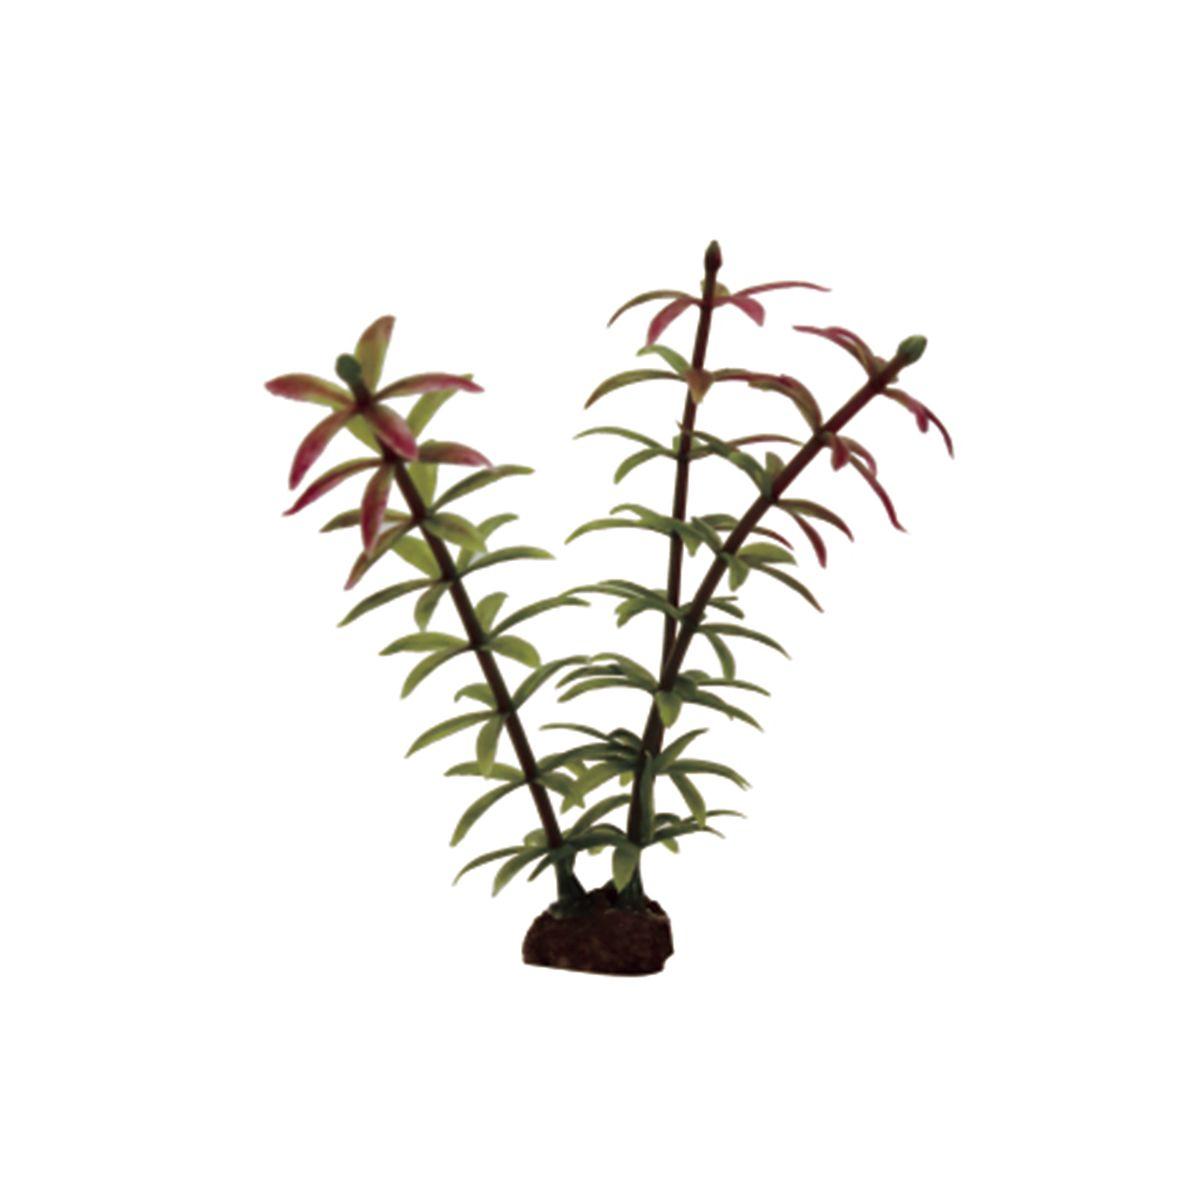 Растение для аквариума ArtUniq Элодея красно-зеленая, высота 10 см, 6 шт0120710Композиция из искусственных растений ArtUniq превосходно украсит и оживит аквариум.Растения - это важная часть любой композиции, они помогут вдохнуть жизнь в ландшафт любого аквариума или террариума. А их сходствос природными порадует даже самых взыскательных ценителей.